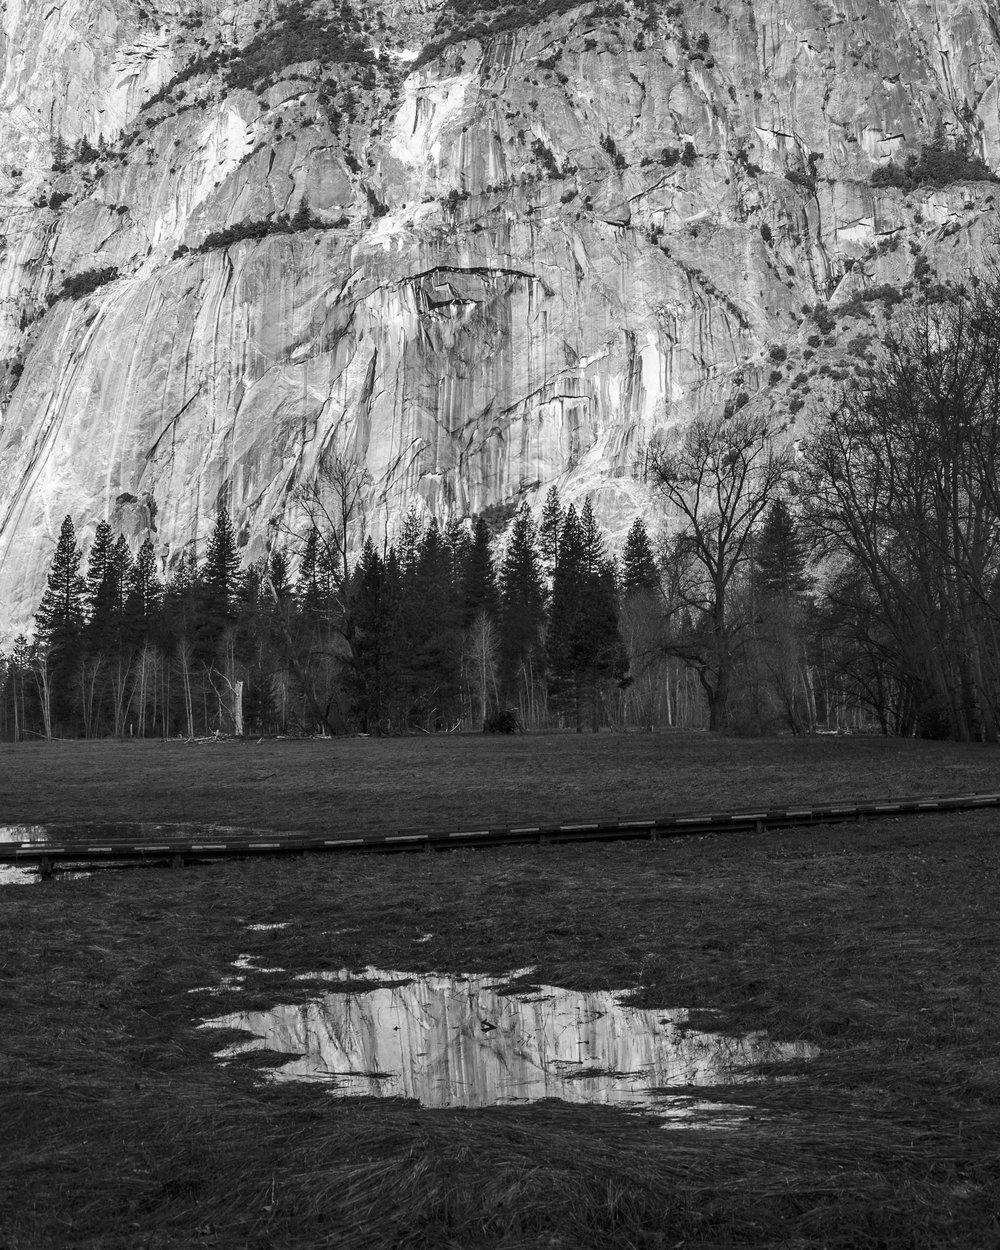 2017_SB_Yosemite_1BW.jpg